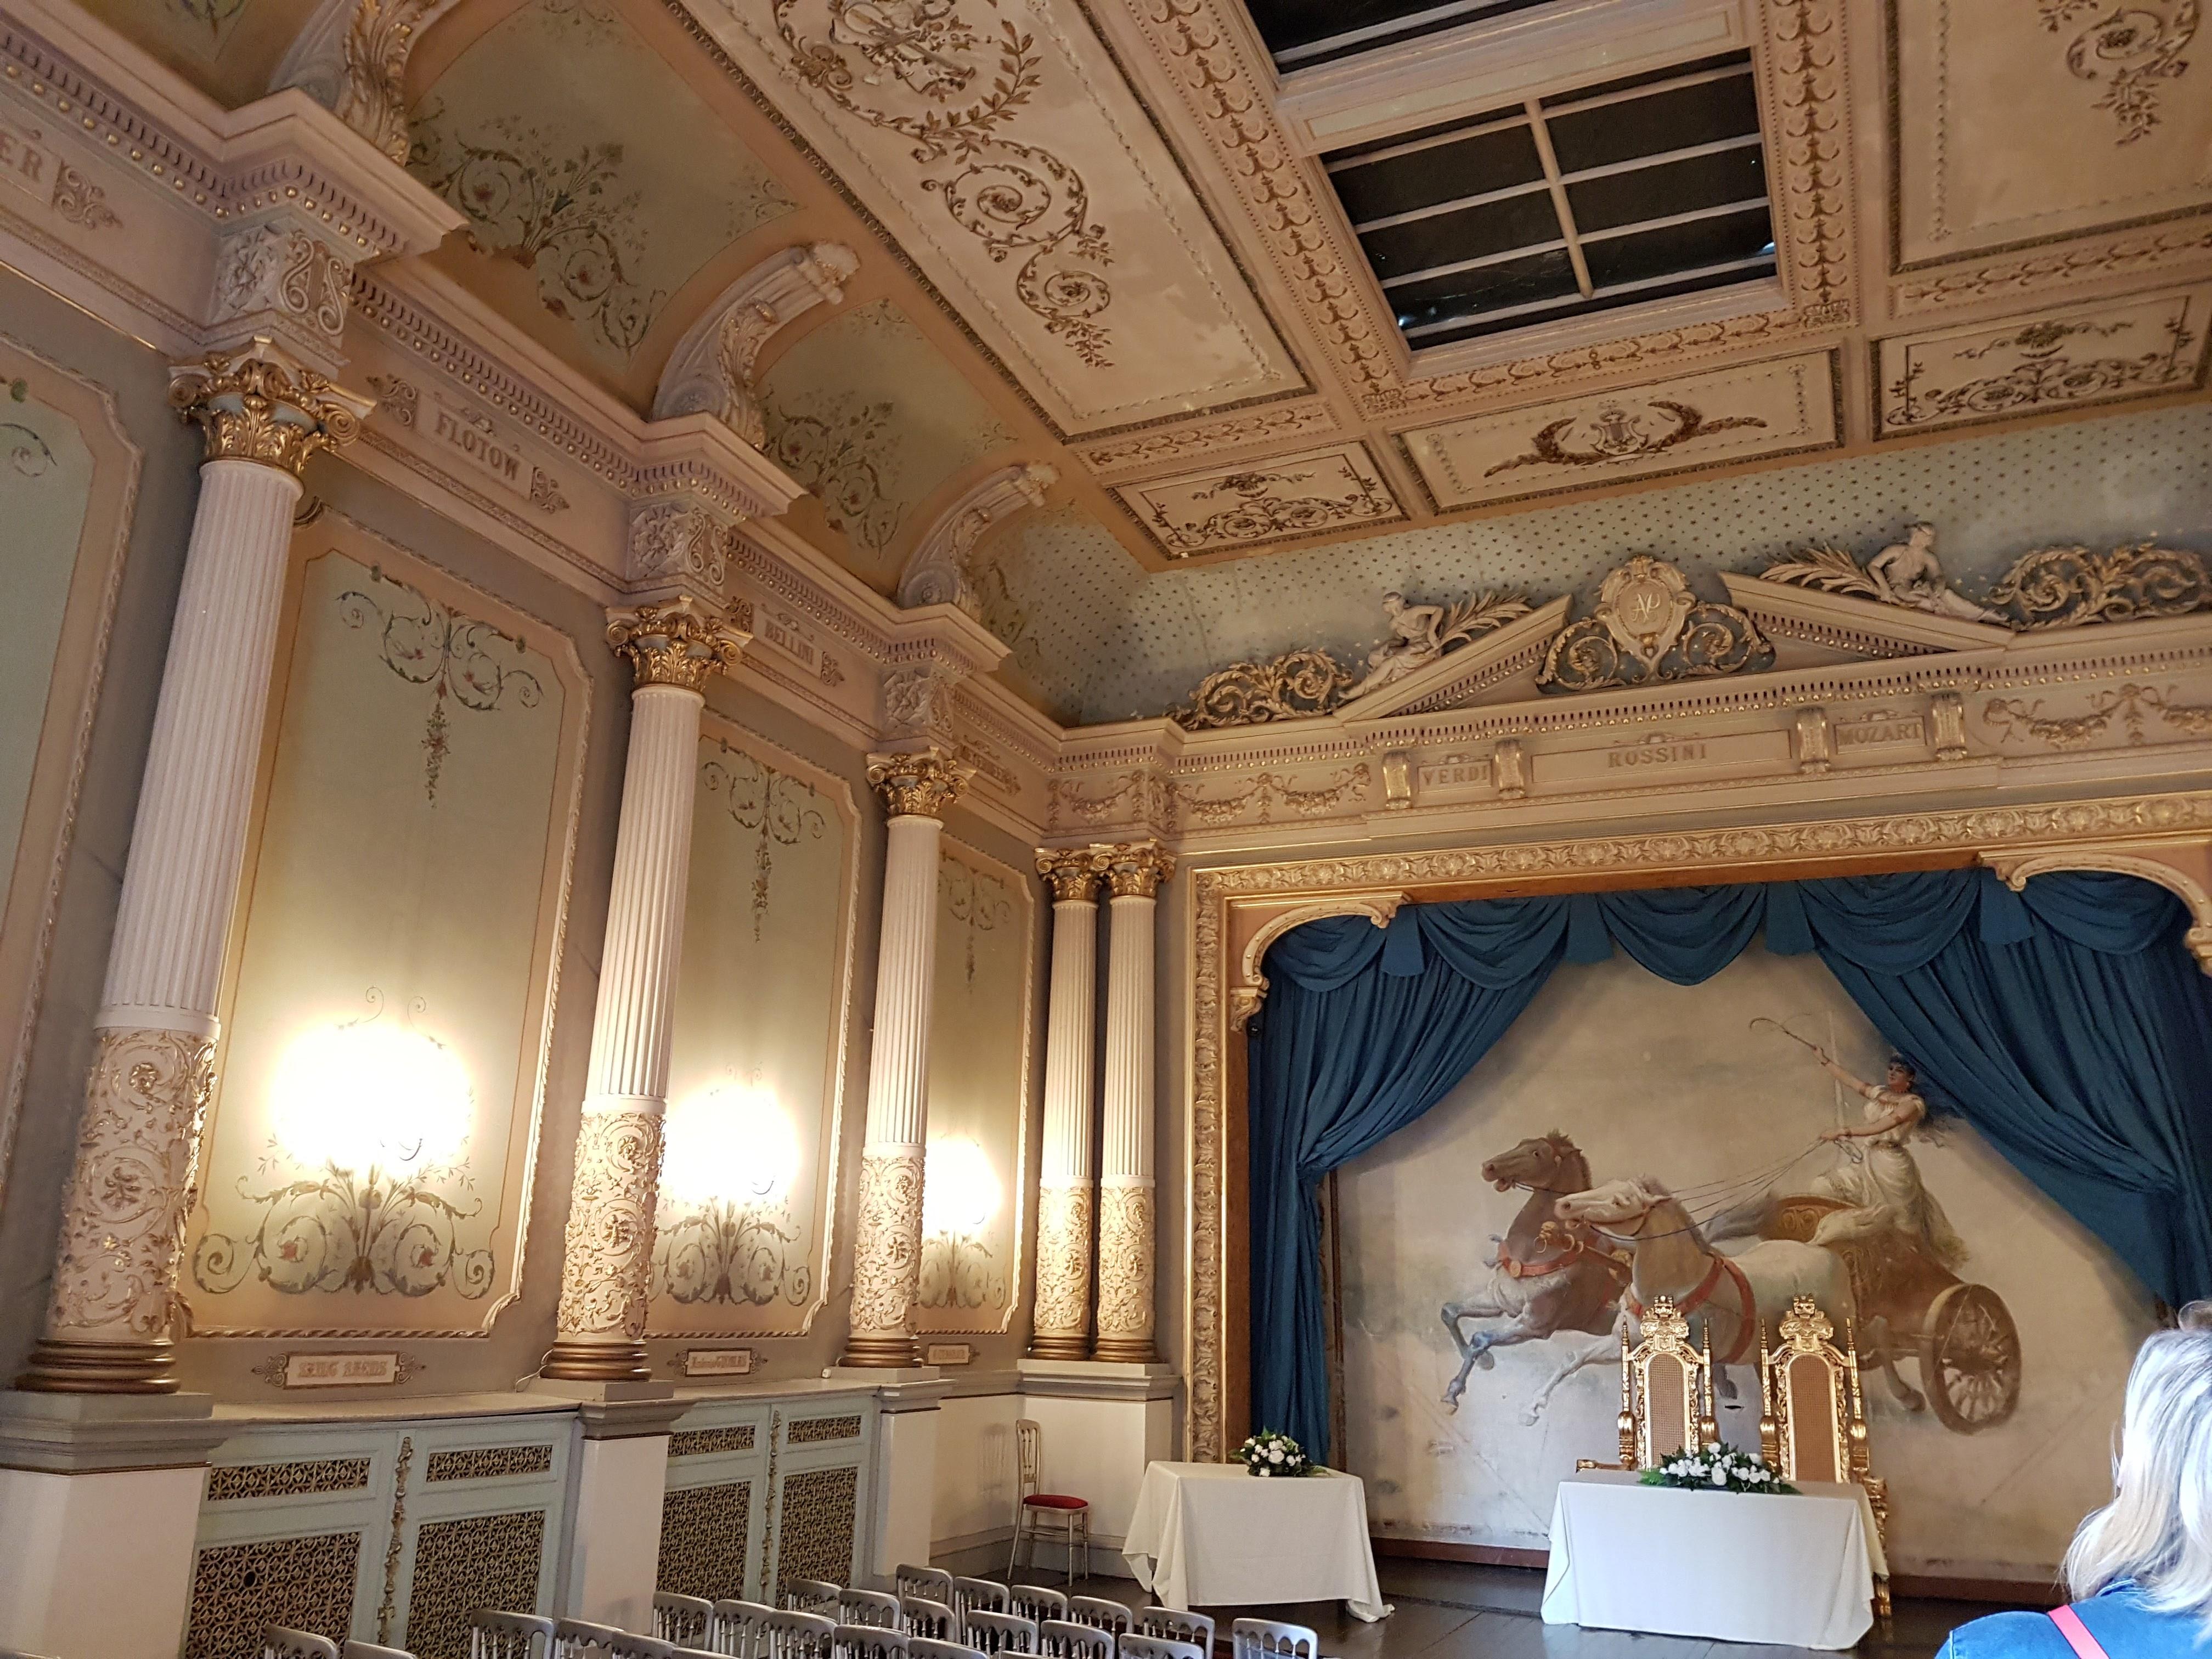 Teatro dentro do Craig-Y-Nor castelo. teatro que pertencia à Adelina Patti.